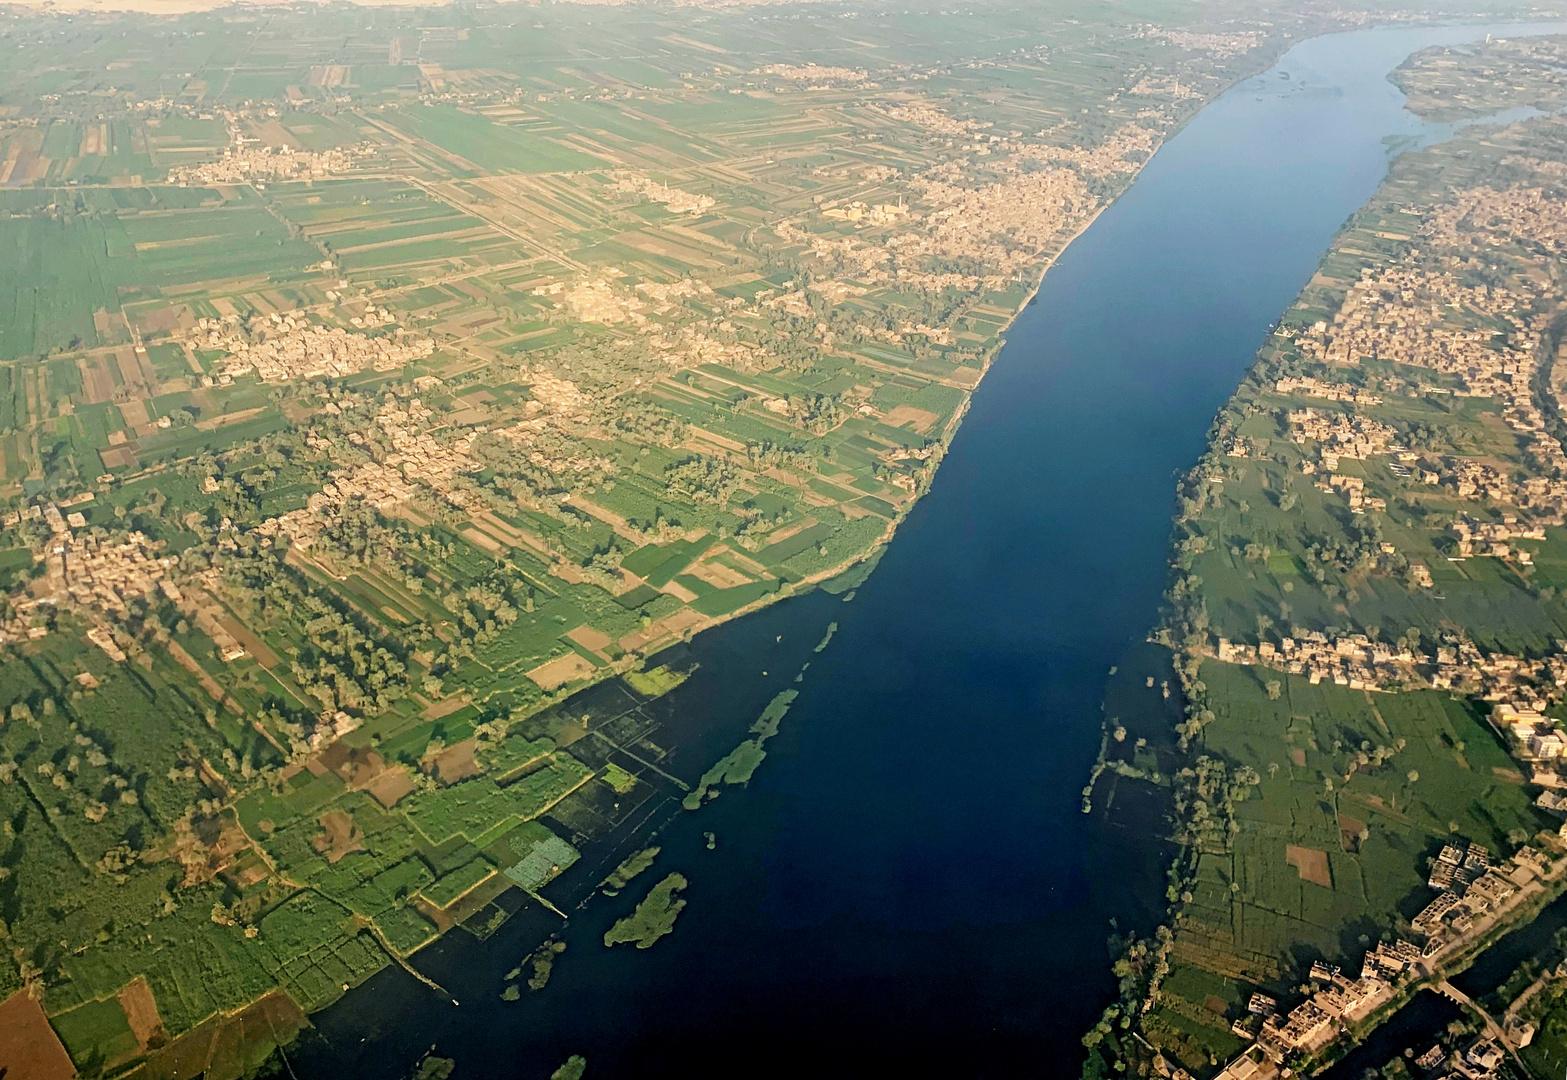 مصر..وزارة الزراعة تكشف المحاصيل التي تم تحقيق الاكتفاء الذاتي منها